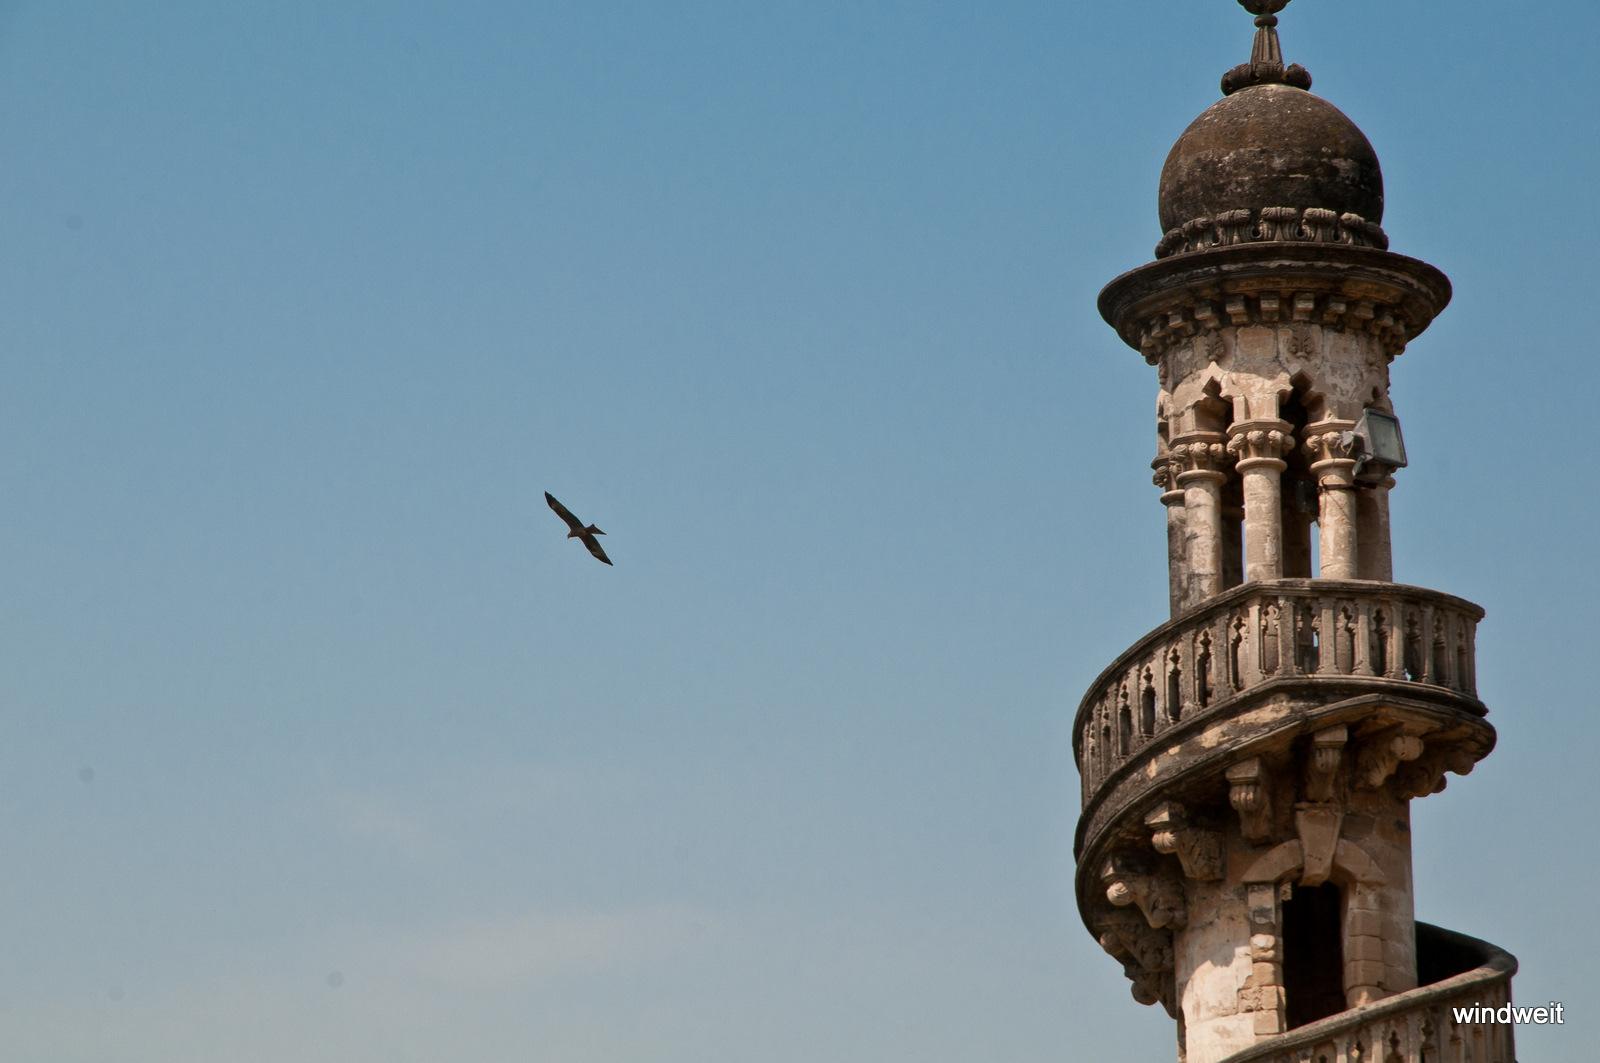 Ein Adler neben dem Turm